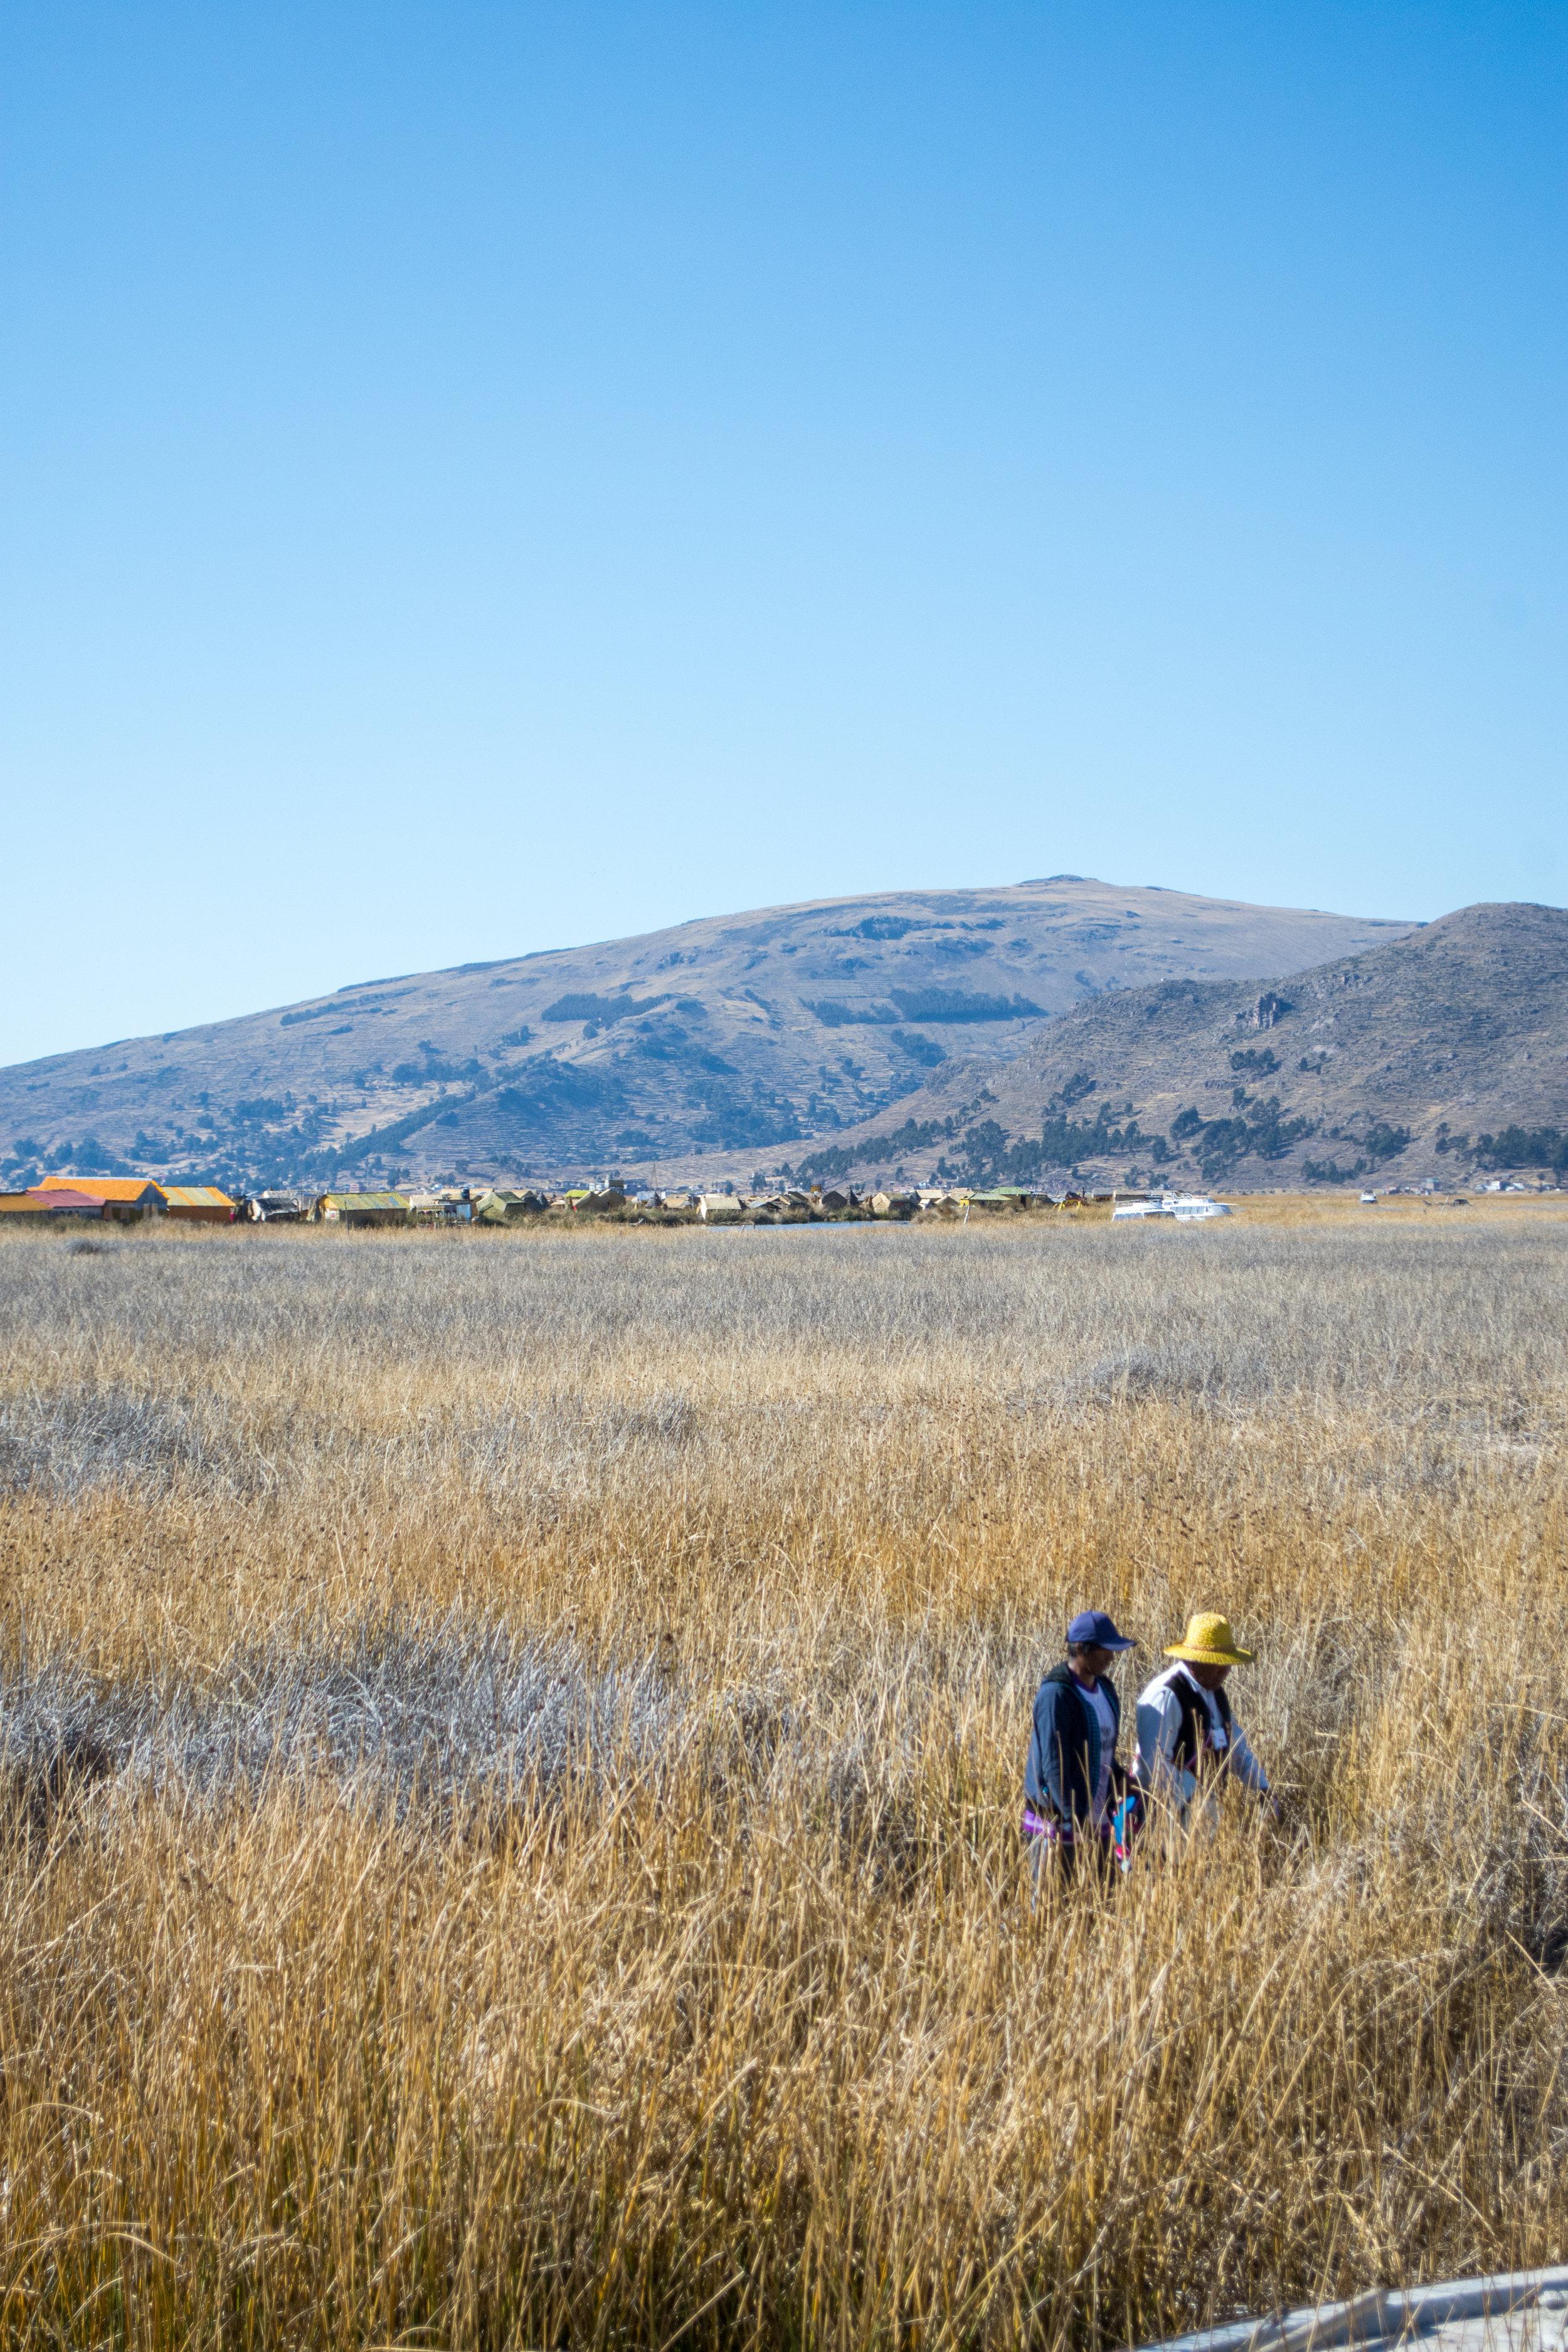 Uros People walking through the Totora Reeds